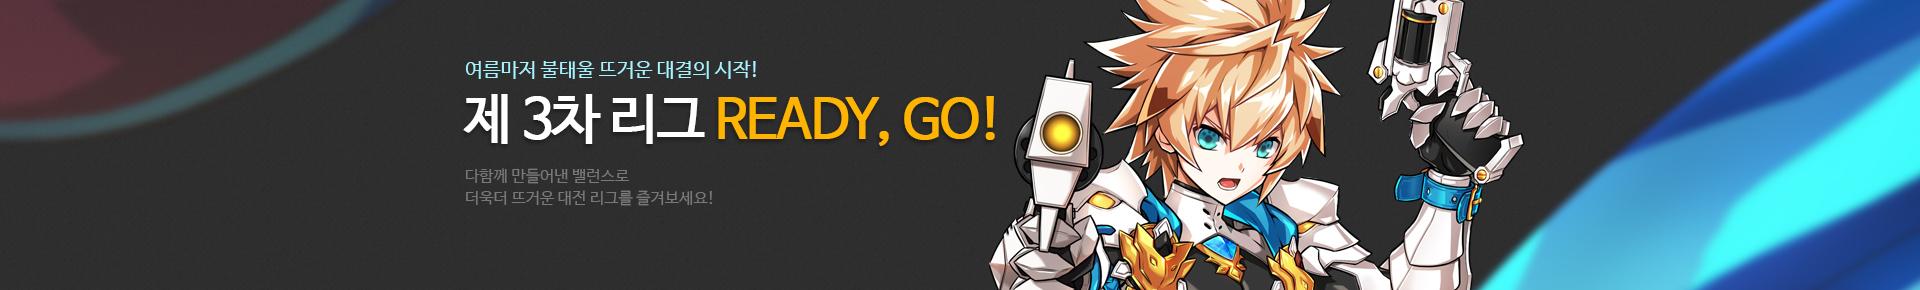 대전 리그3, READY, GO!